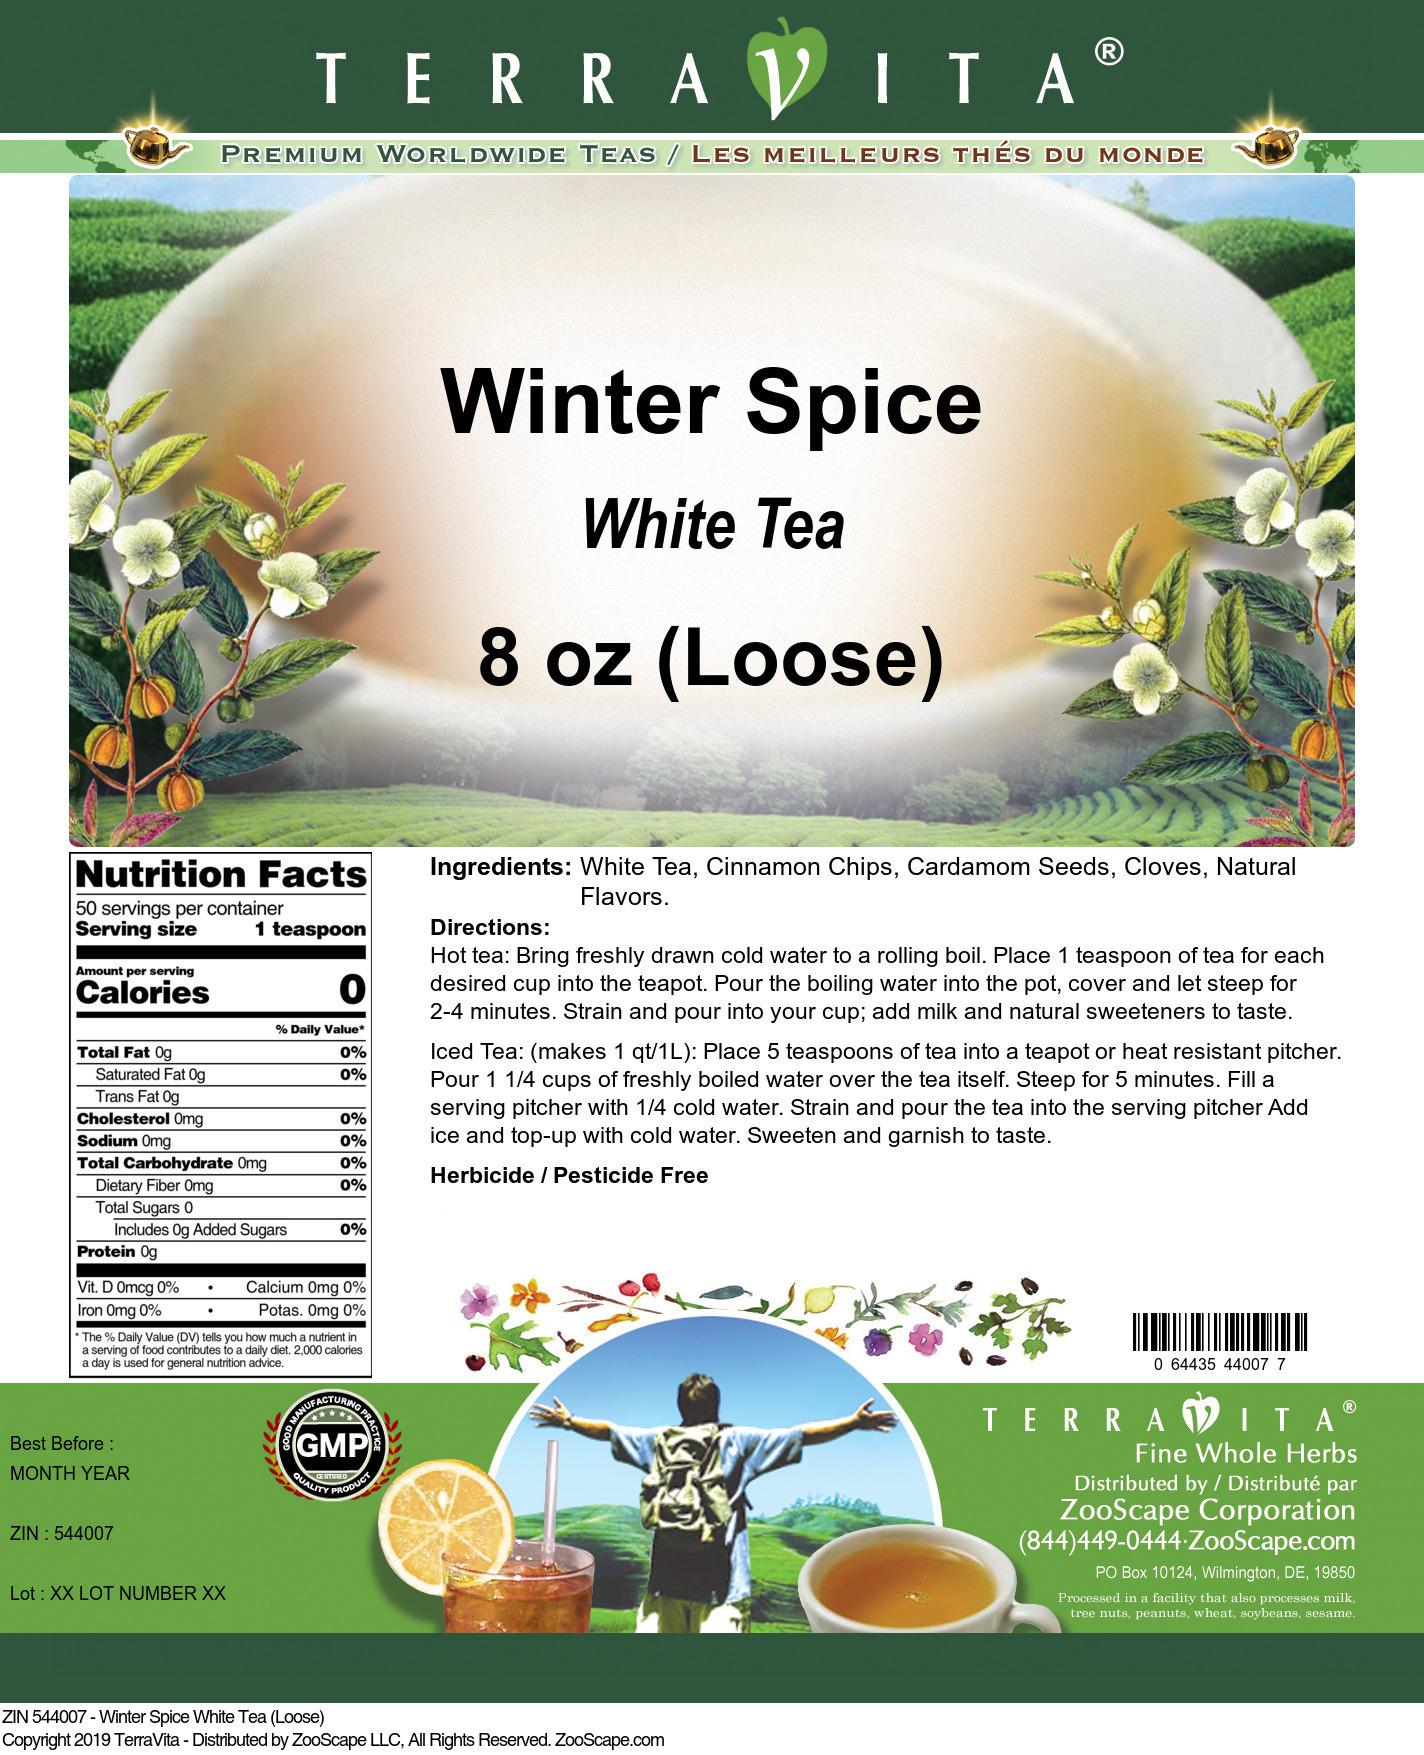 Winter Spice White Tea